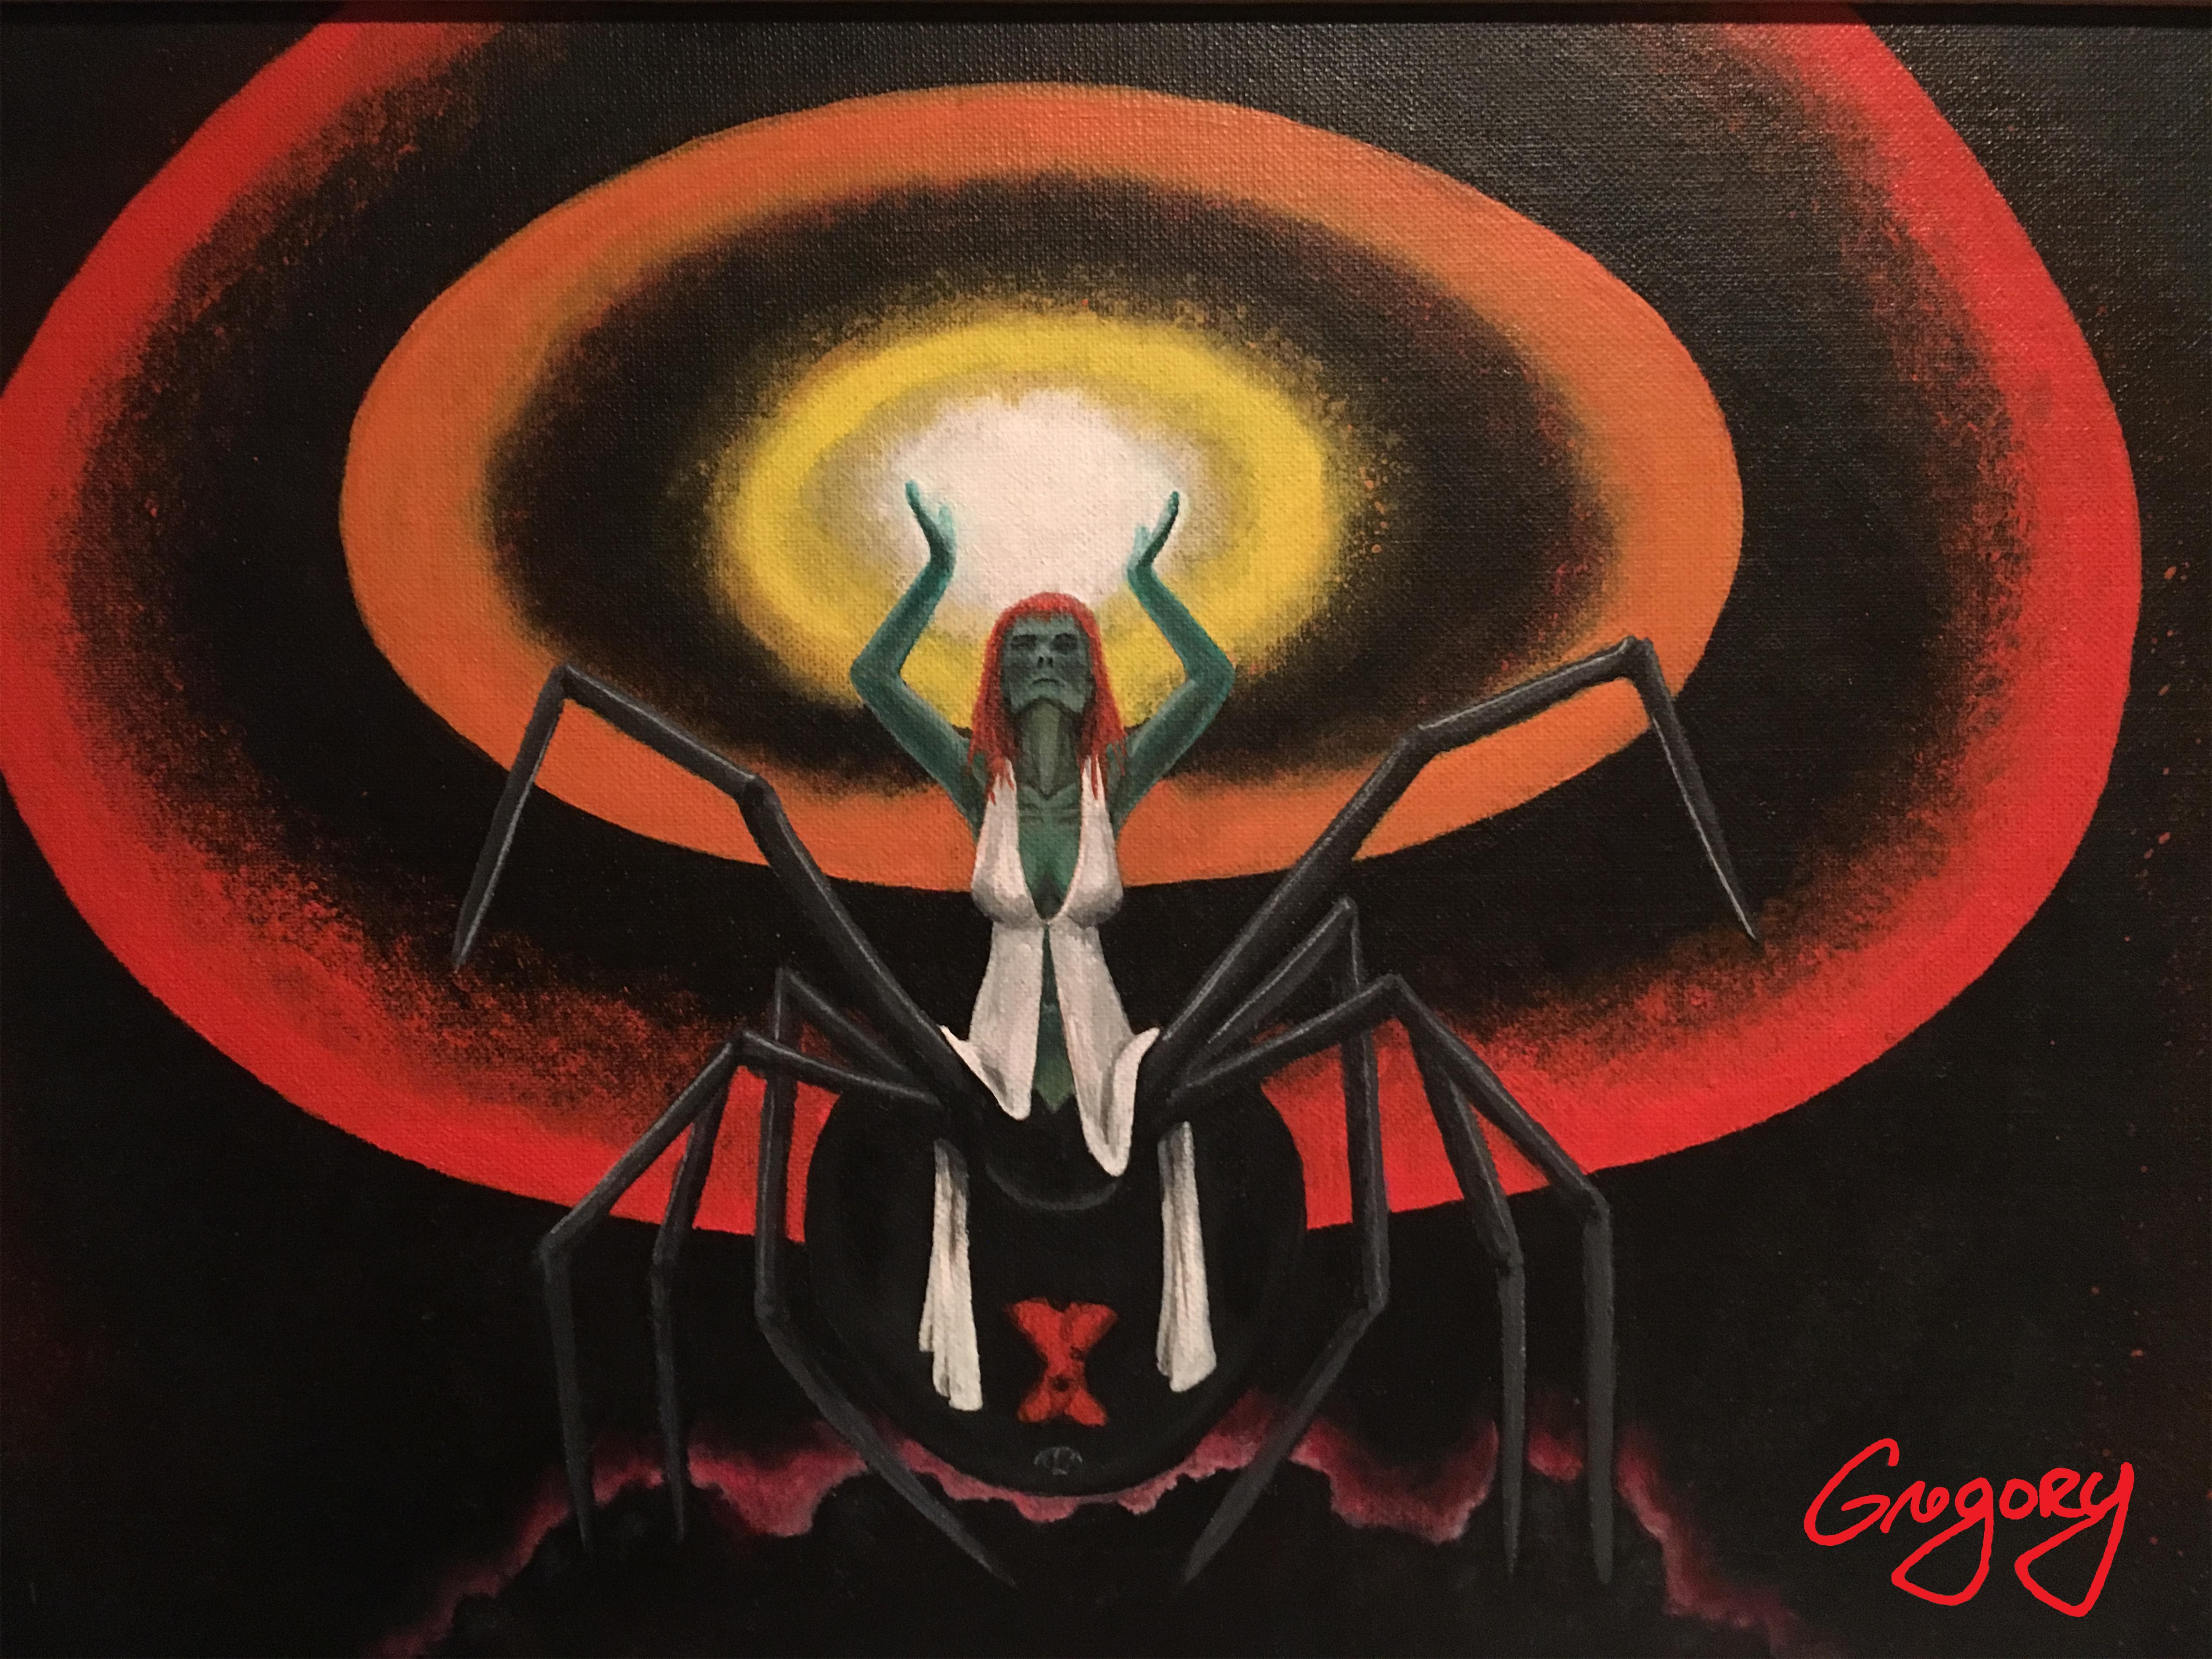 spiderQueenSigned